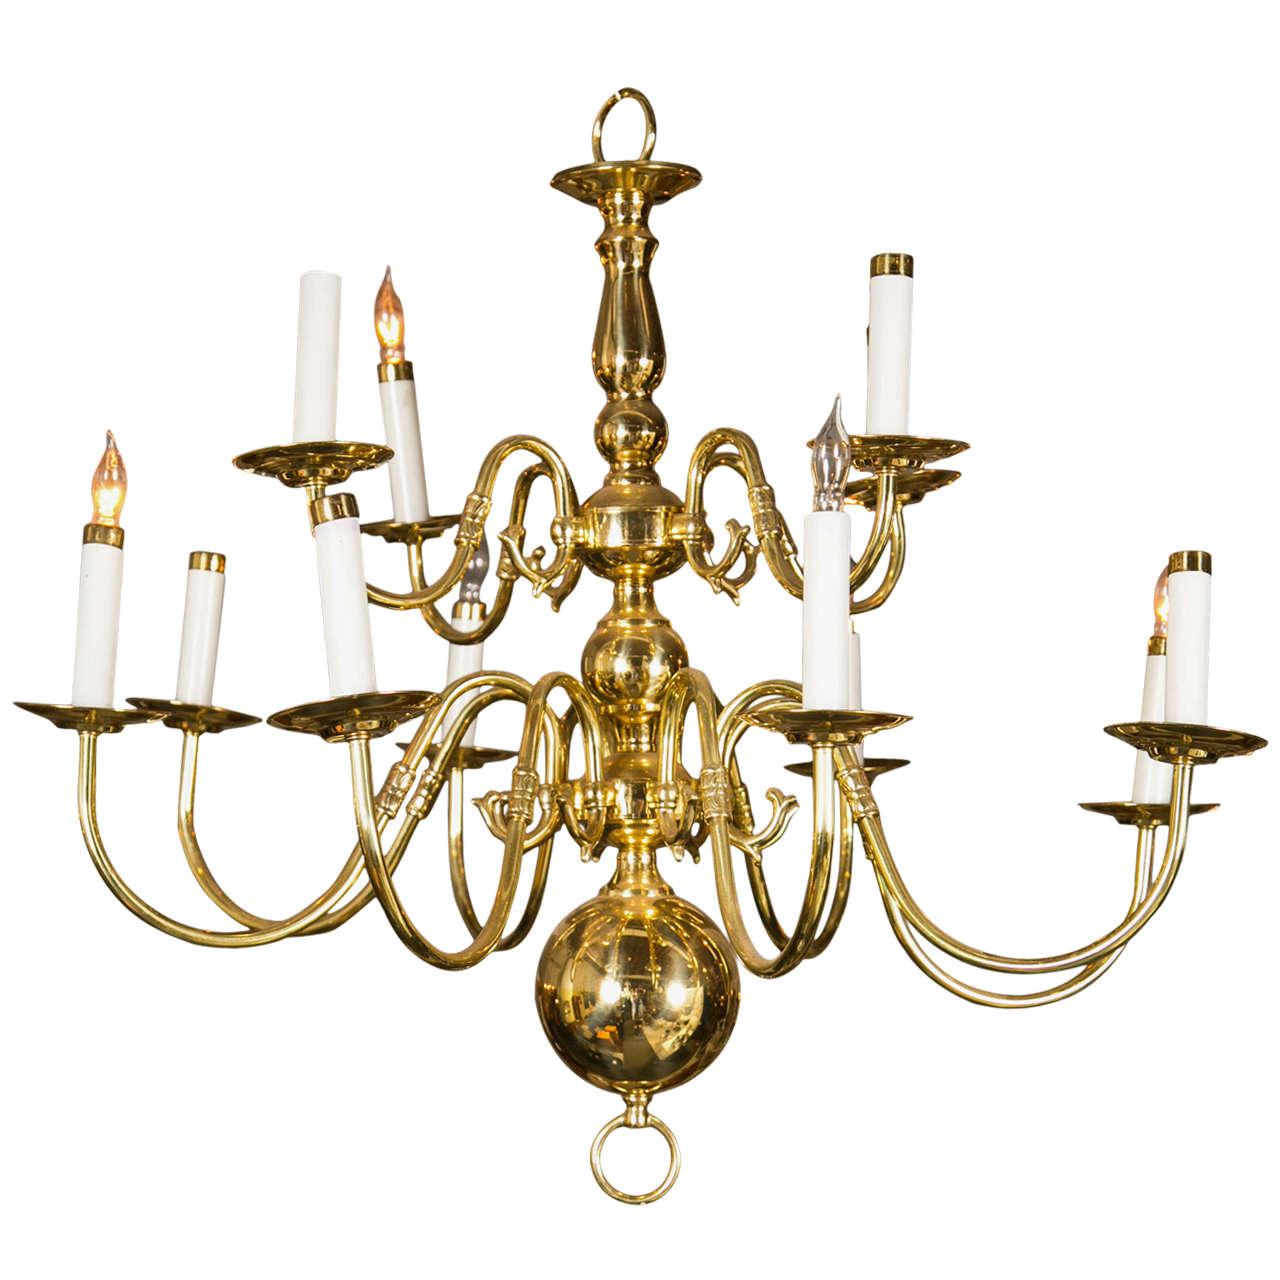 Twelve-Light Brass Ball Form Chandelier